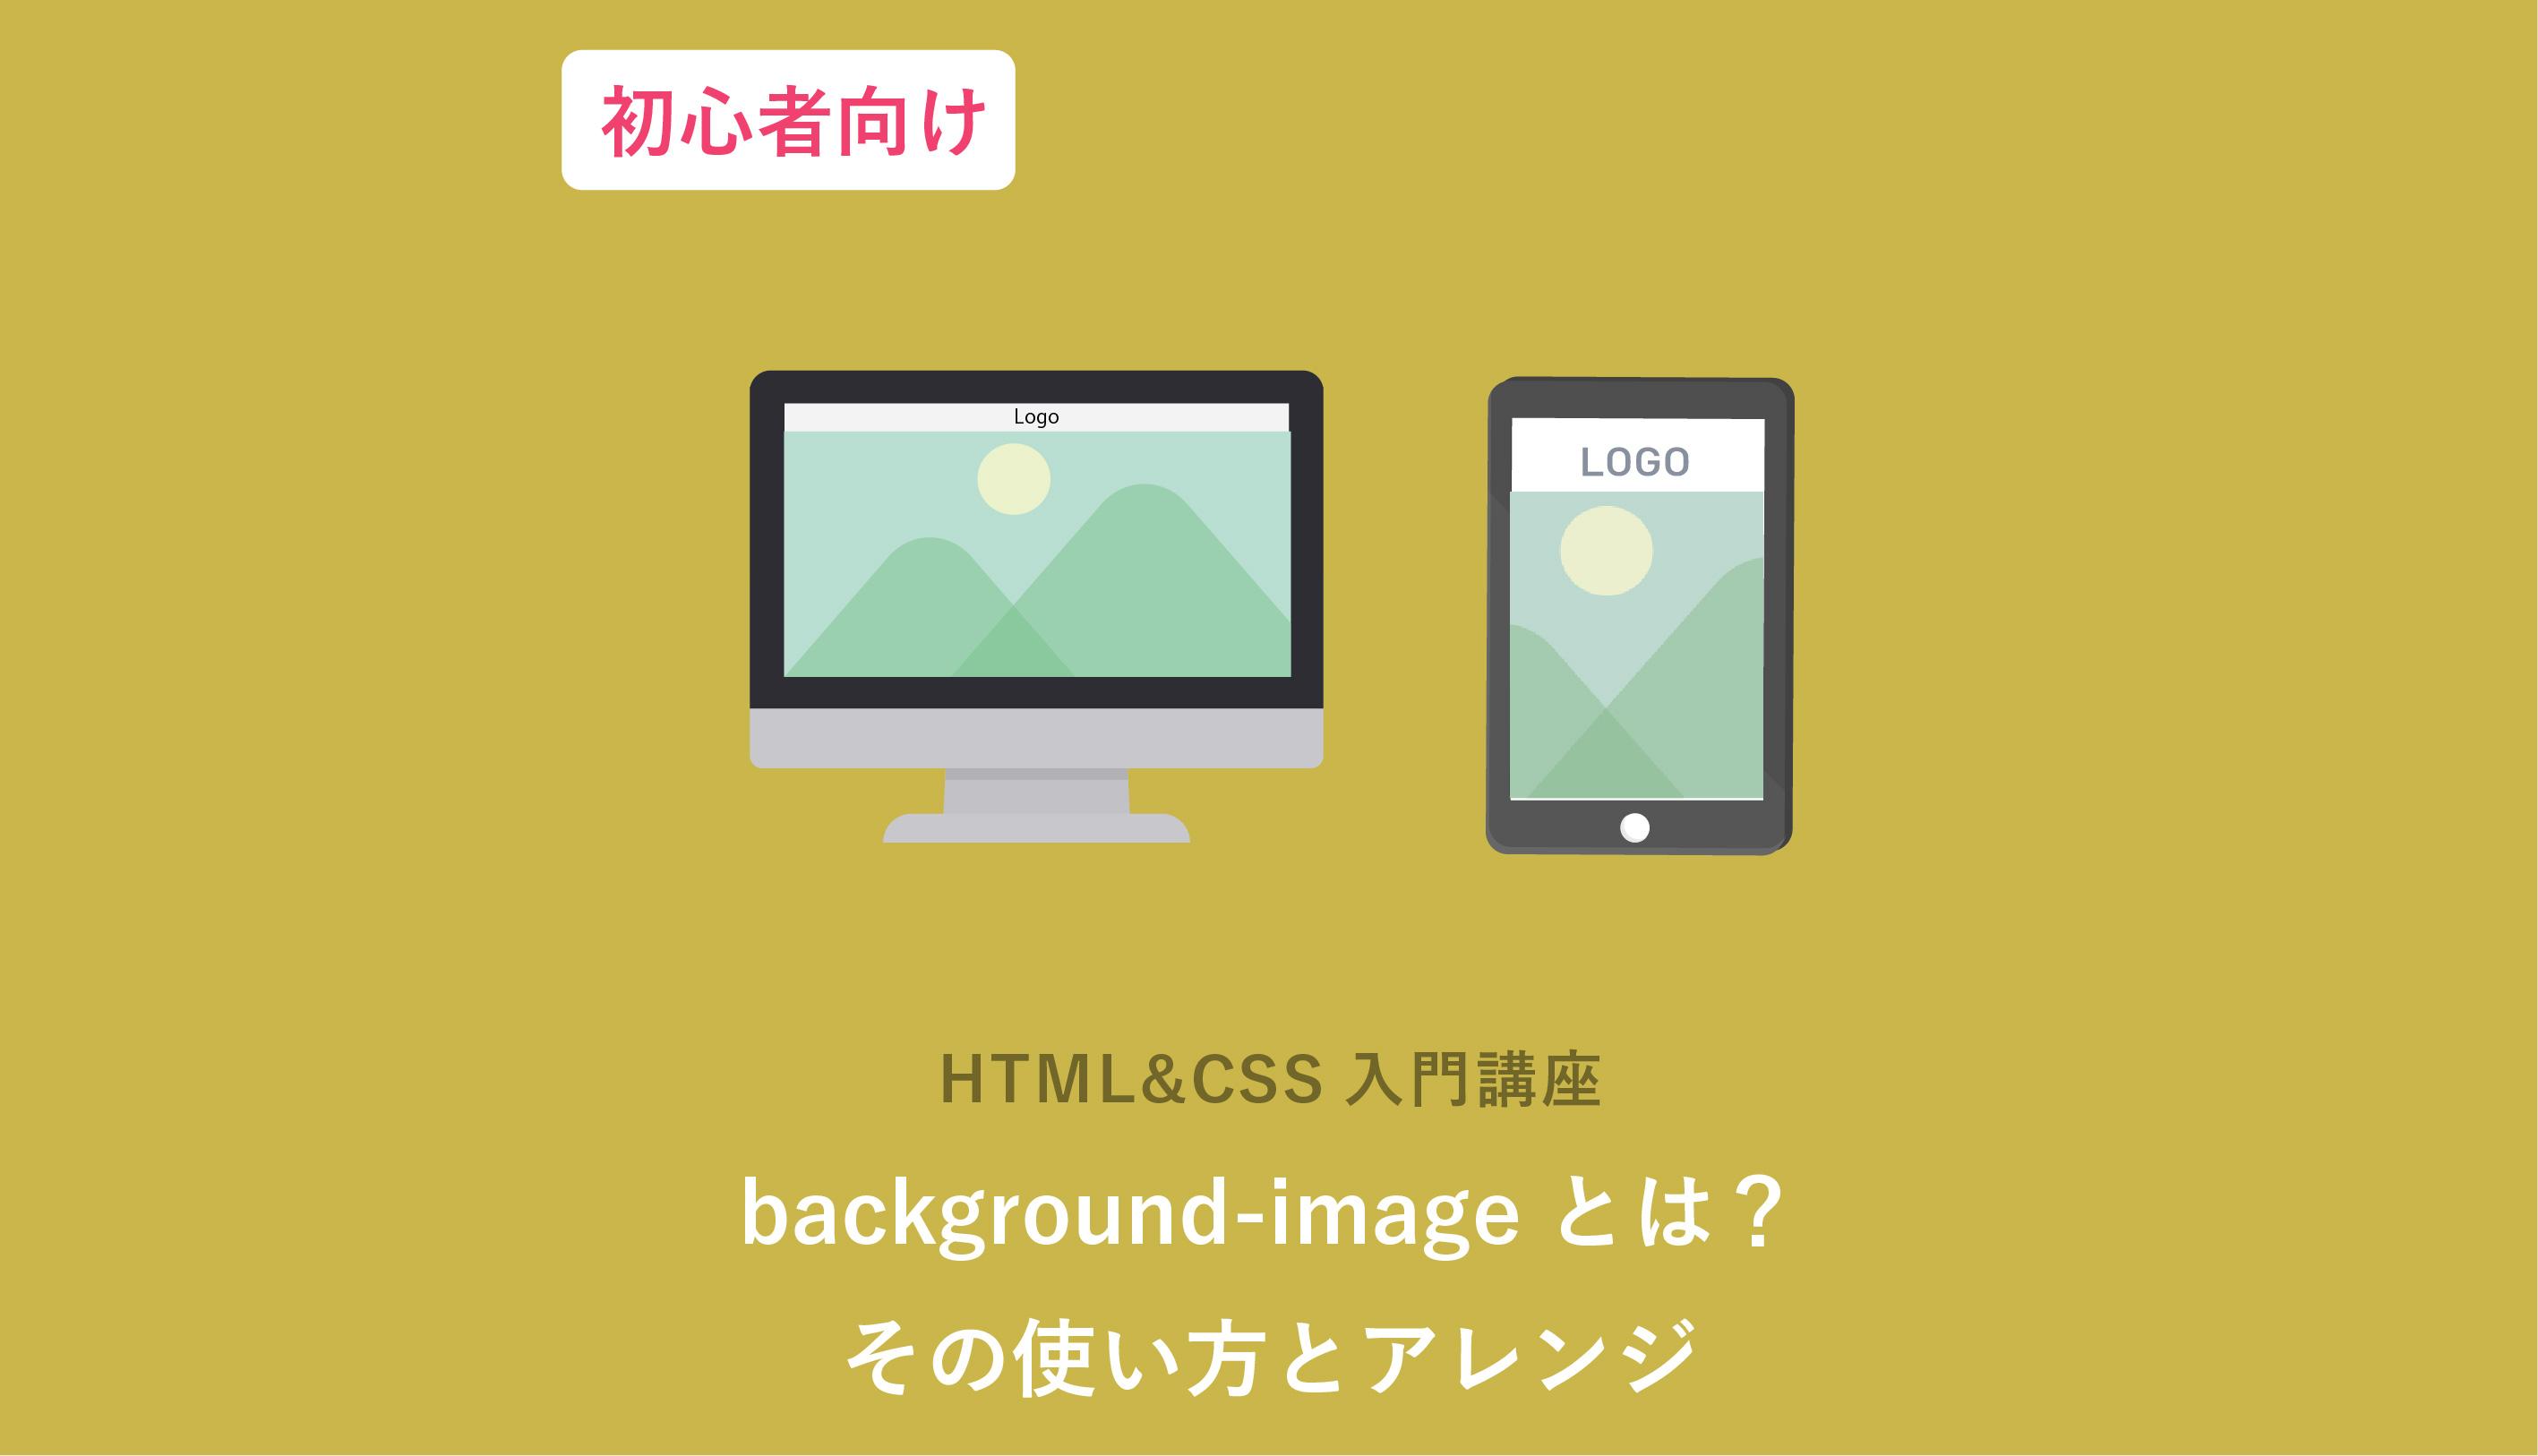 CSS background-imageを使って背景画像を設定する方法【基本から発展まで】